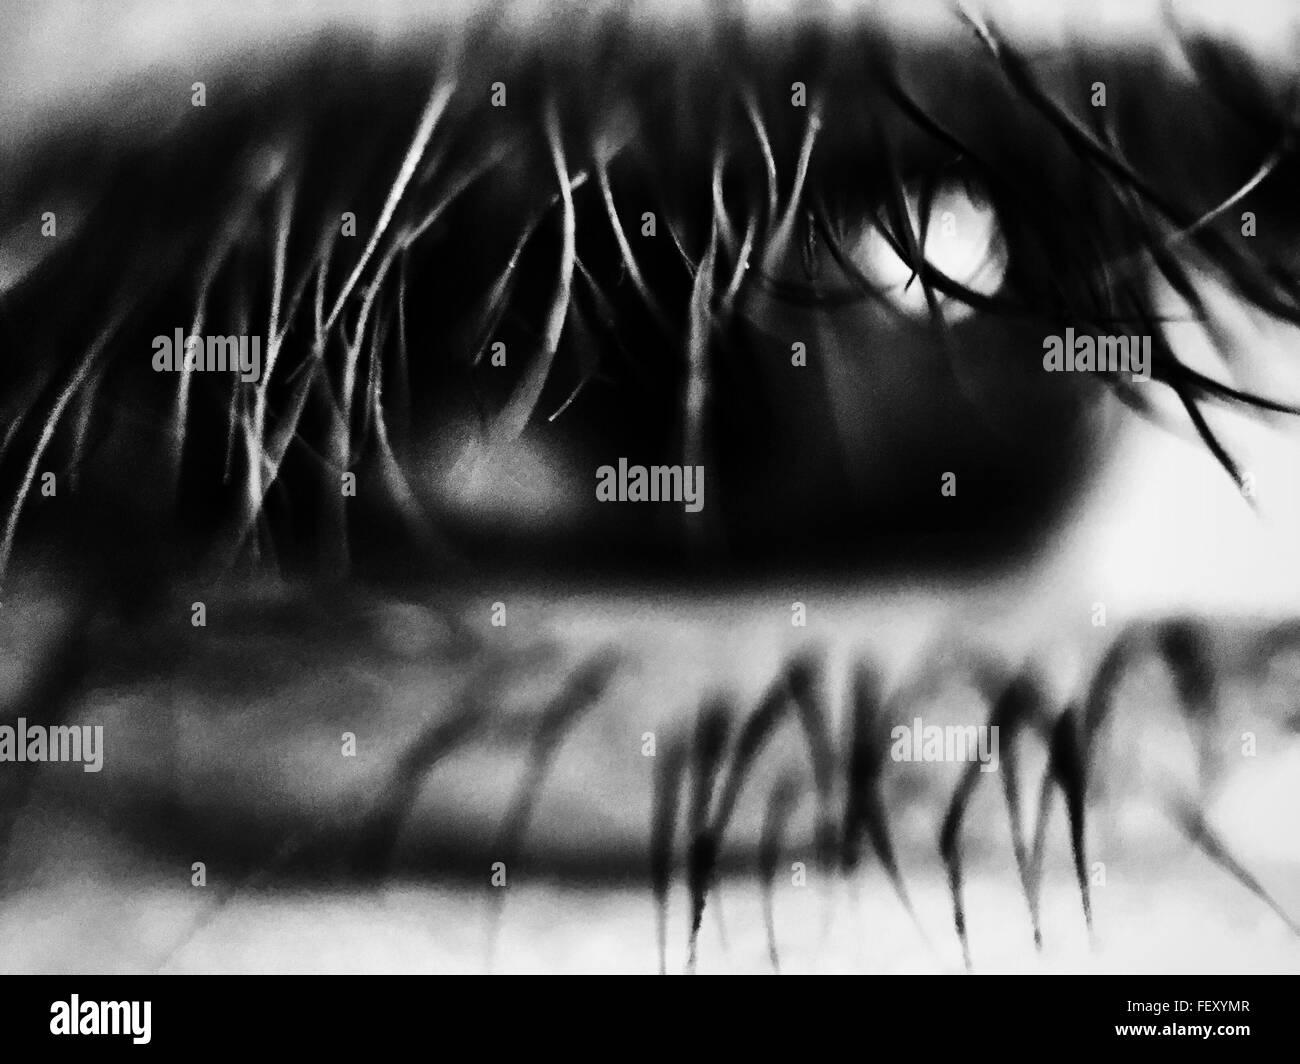 Macro Shot Of Human Eye - Stock Image